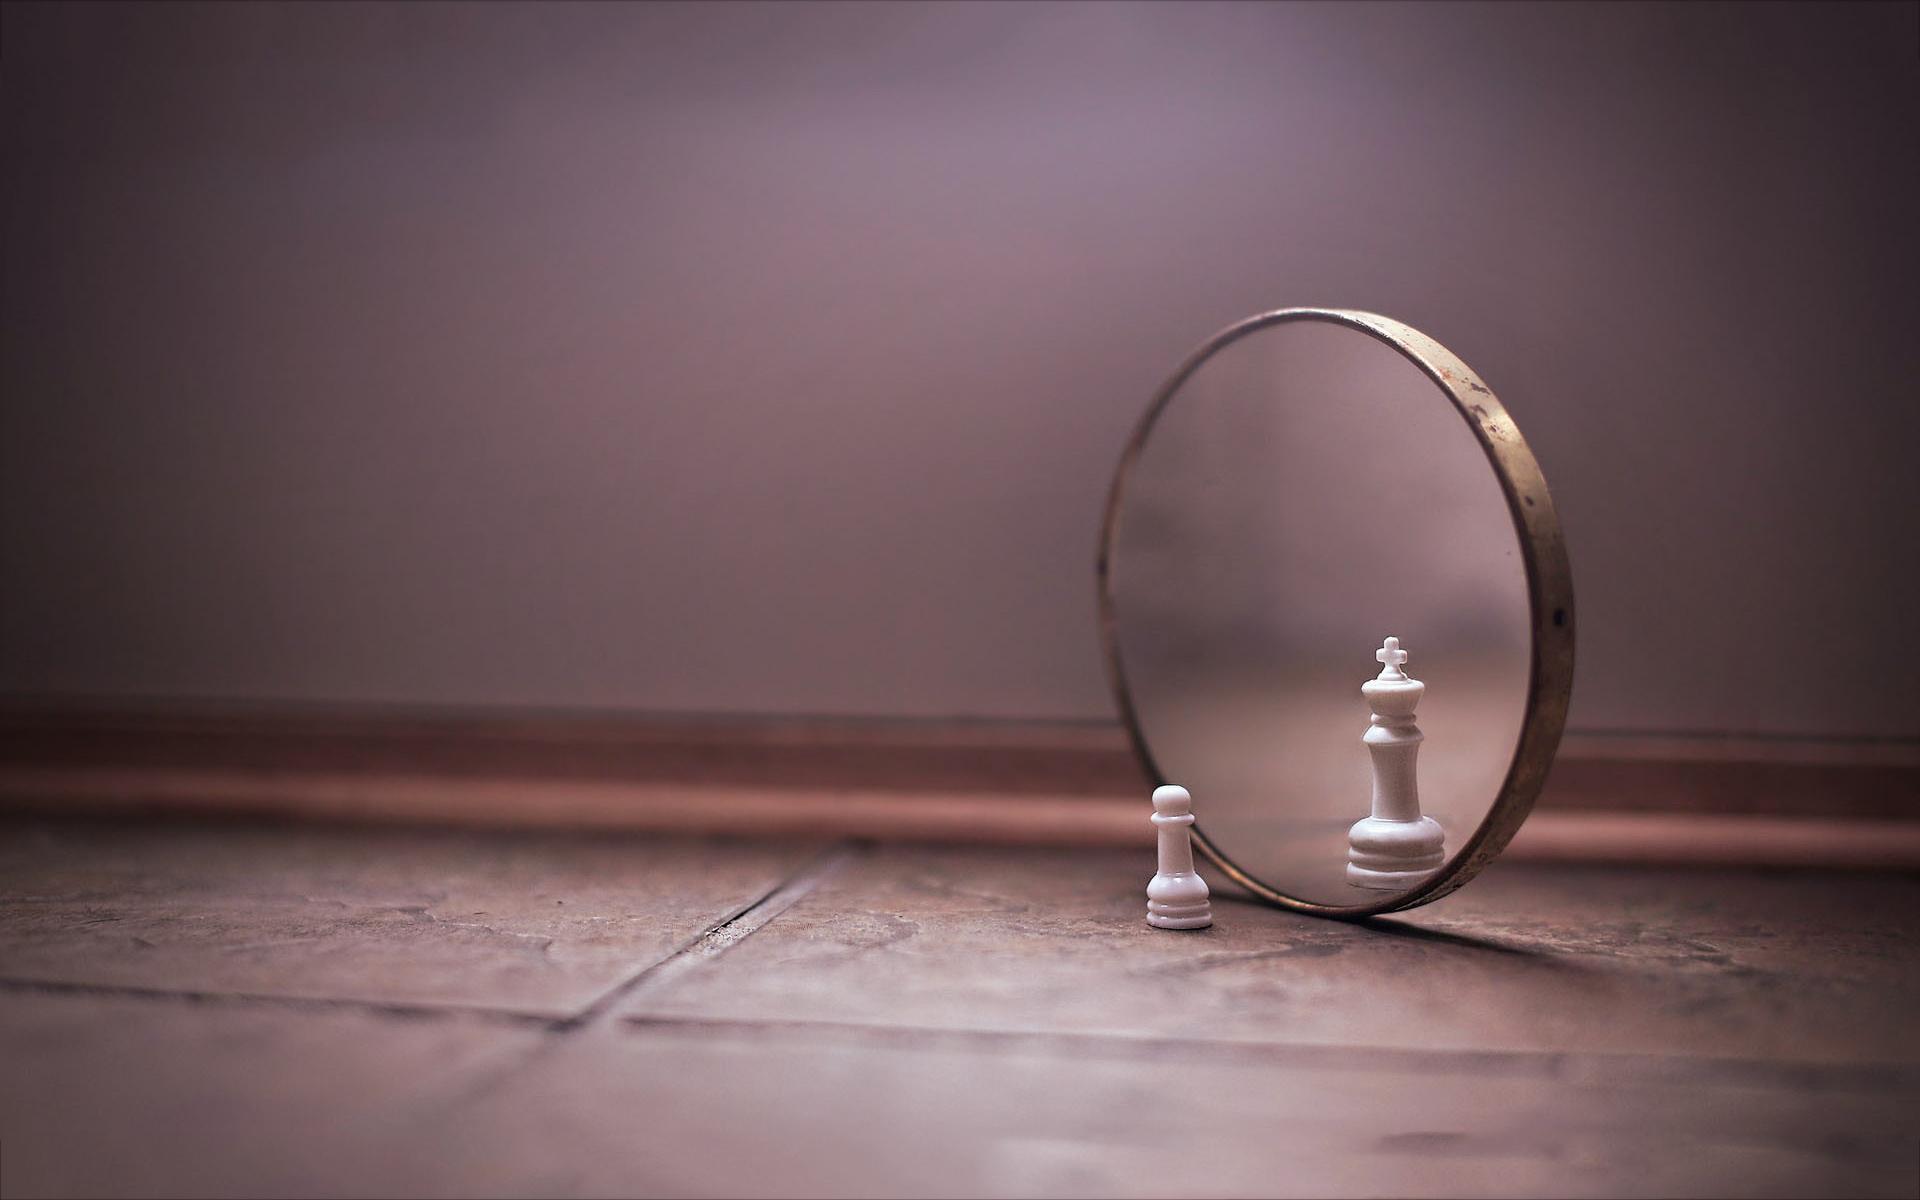 Pawn mirror chess king